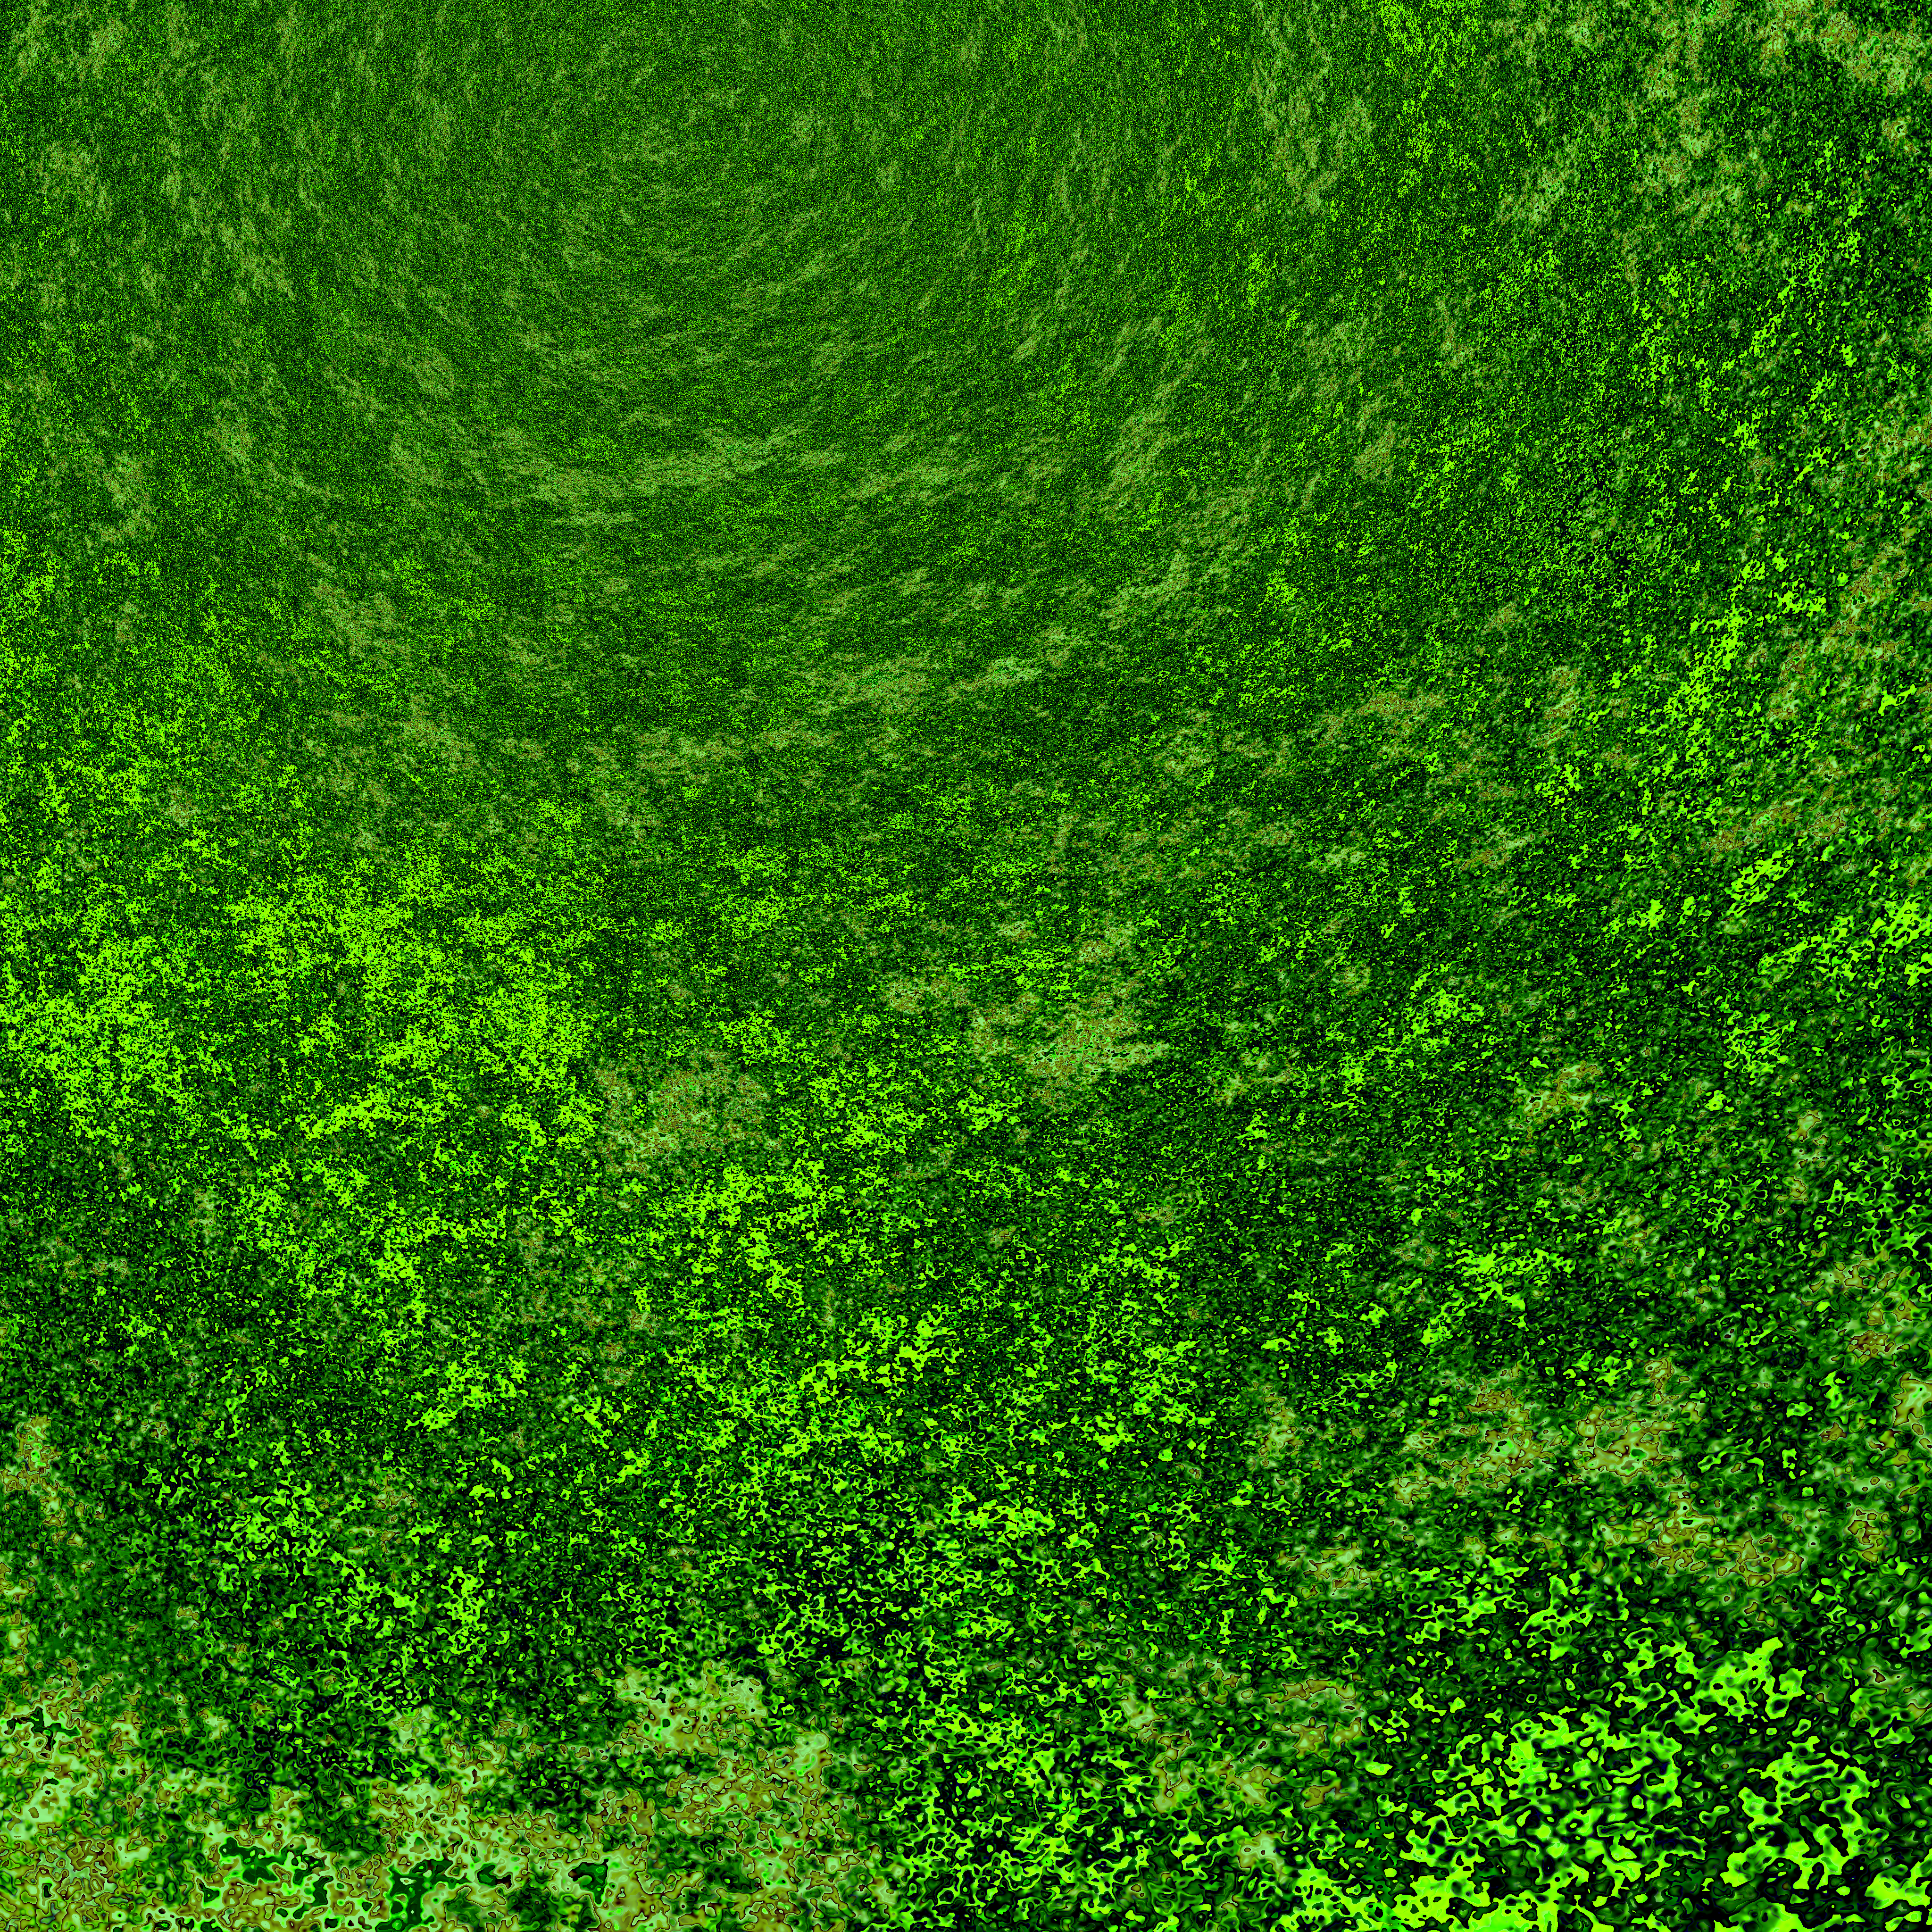 Leafy Realm by Jakeukalane